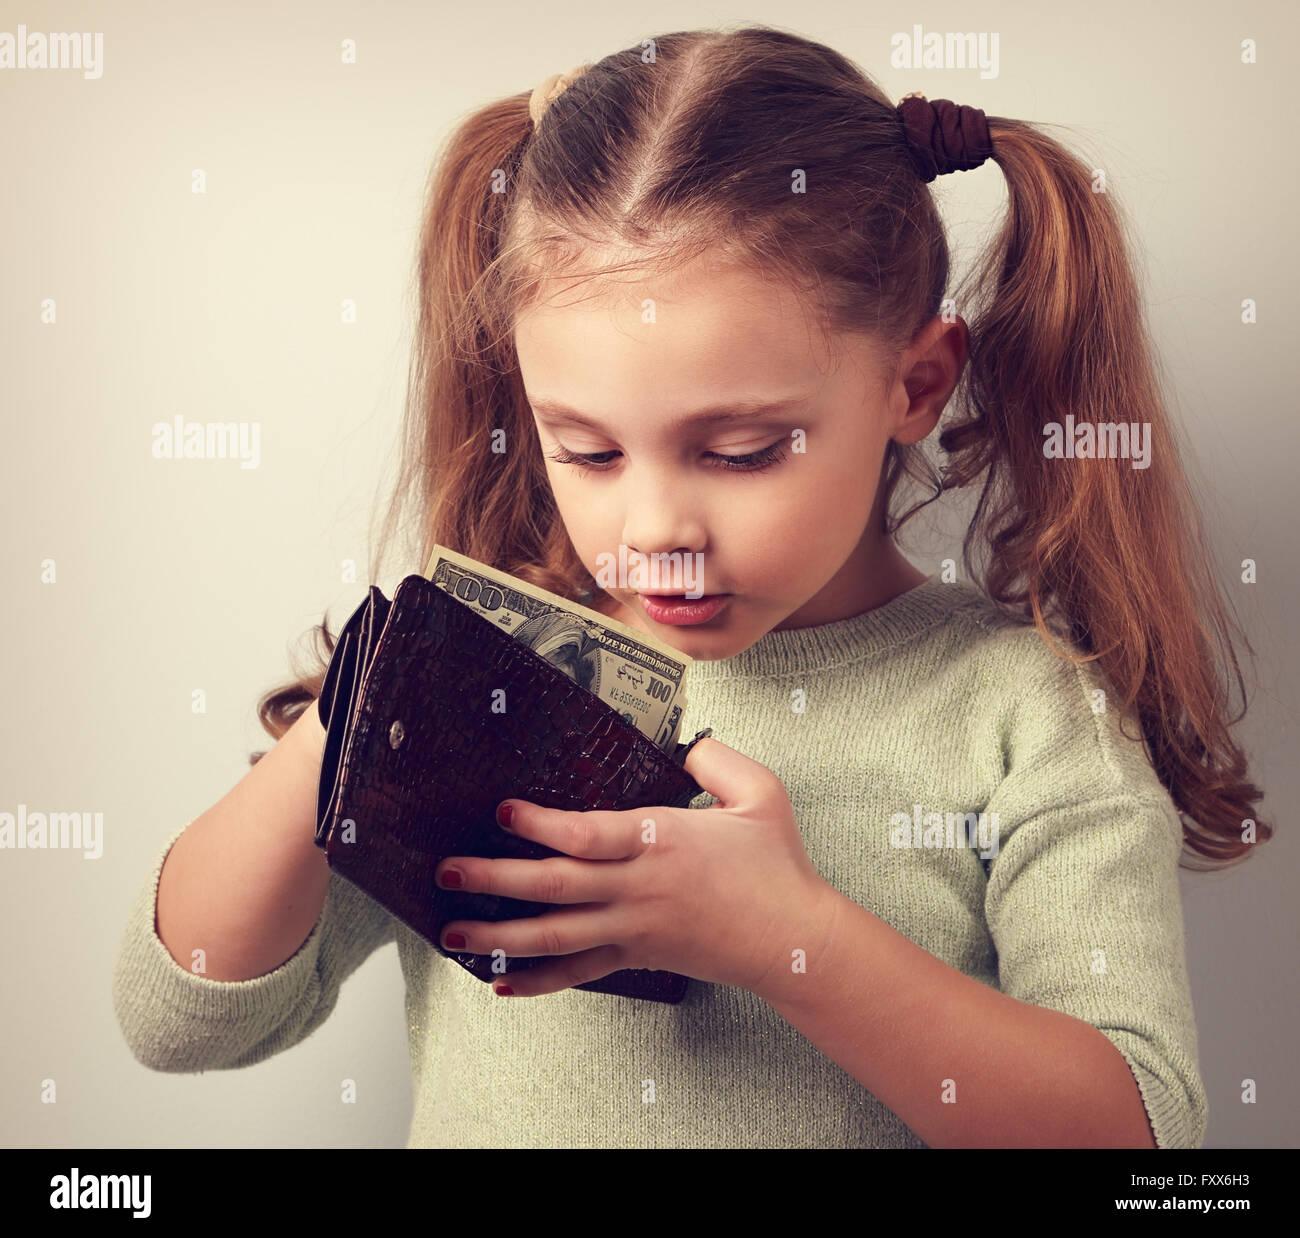 Lindo sorprendente pequeño chico busca chica En madre monedero y quiere sacar el dinero. Tonificado closeup Imagen De Stock